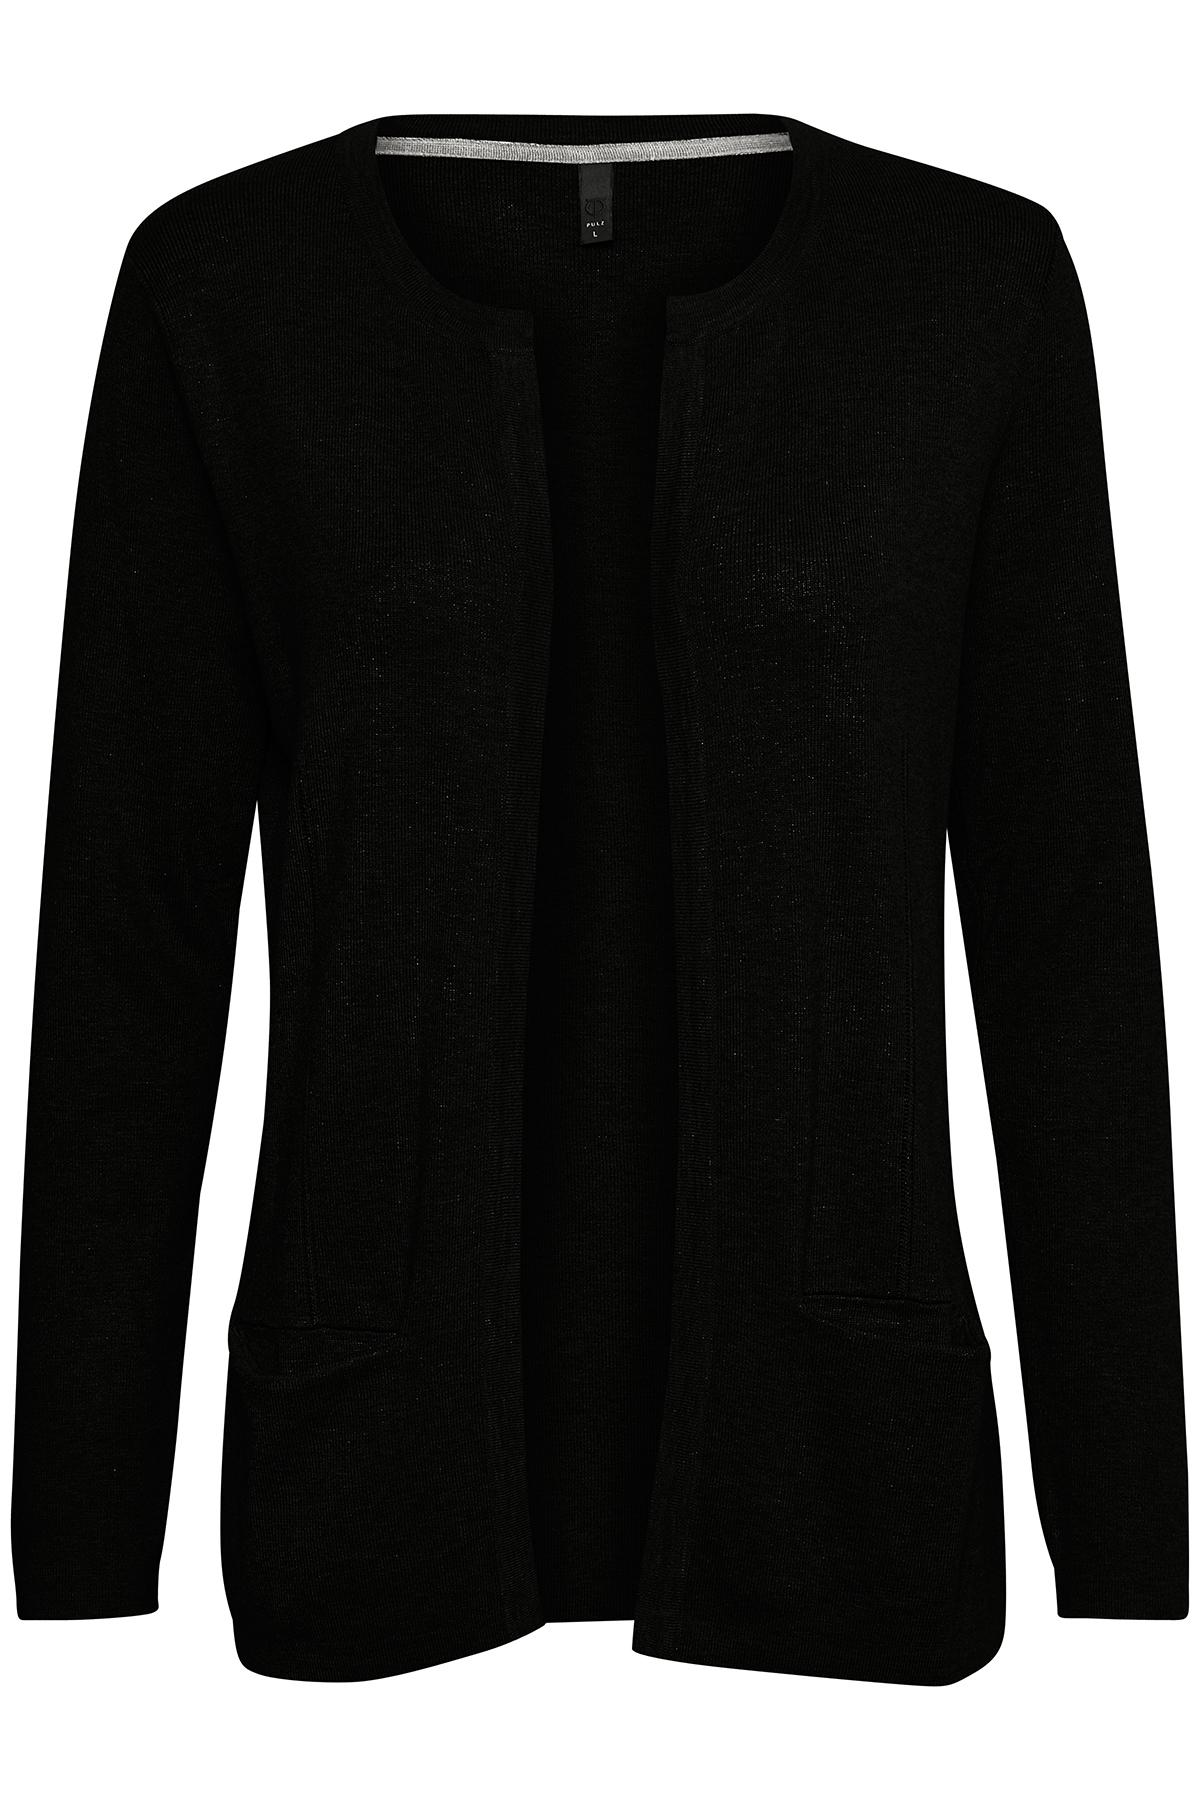 Sort Cardigan fra Pulz Jeans – Køb Sort Cardigan fra str. XS-XXL her